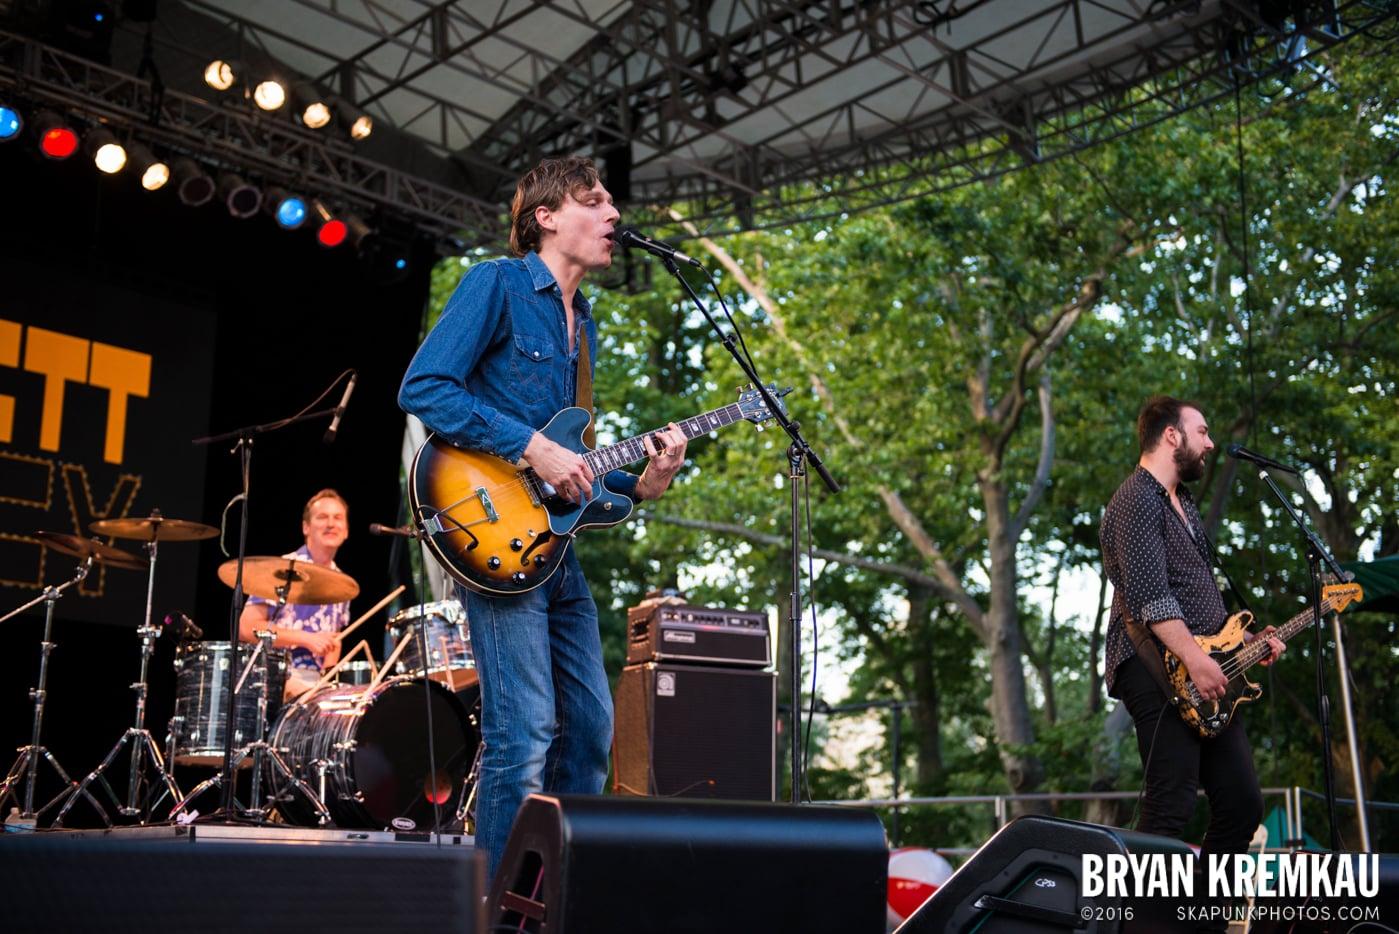 Joel Plaskett Emergency @ Central Park Summer Stage, NYC - 6.29.13 (23)